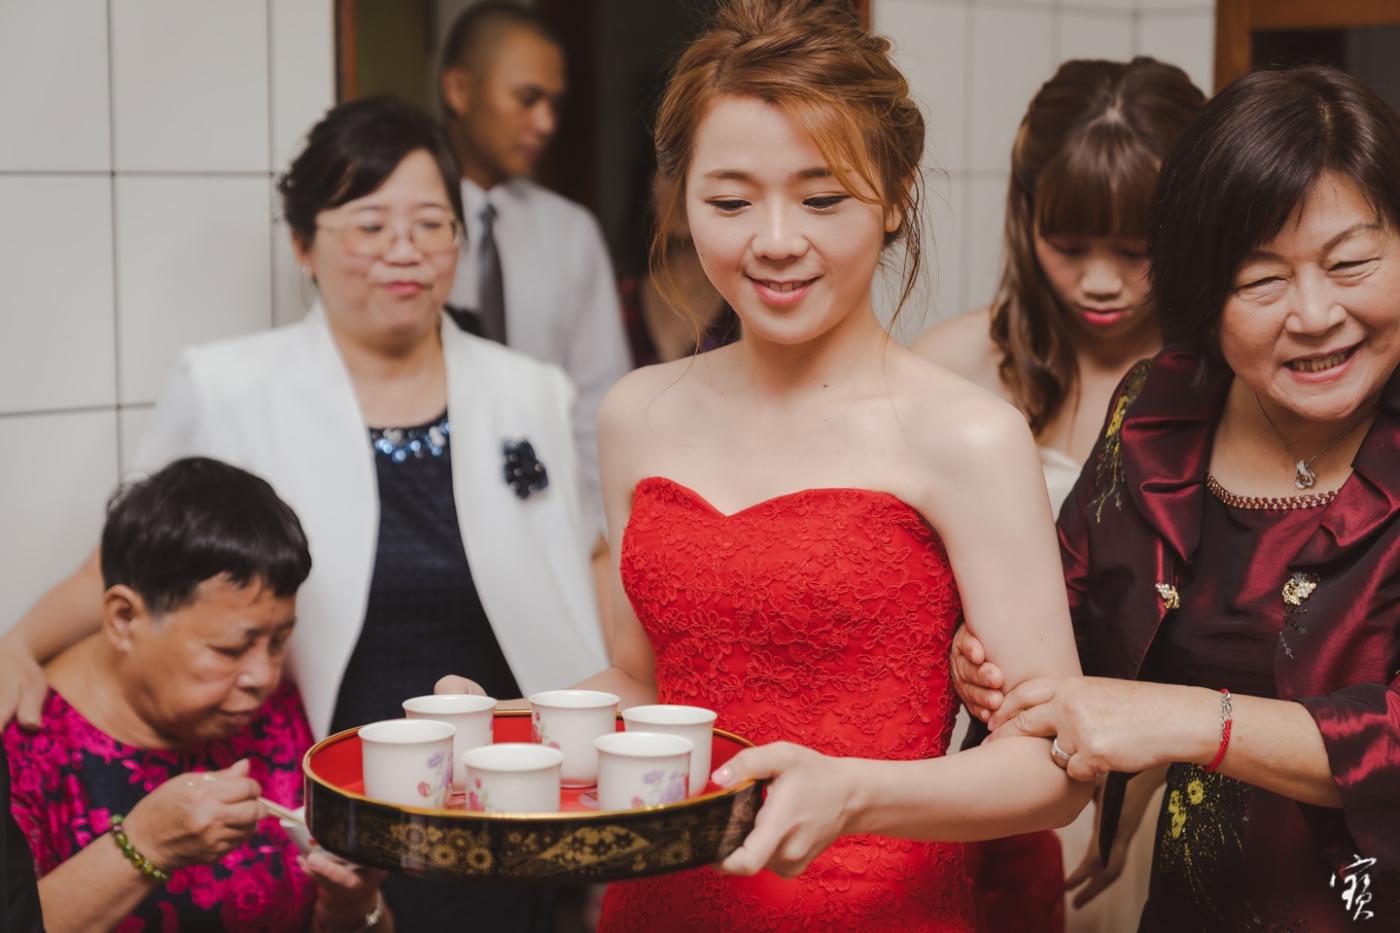 桃園婚禮 晶麒莊園 婚禮攝影 攝影師大寶 北部攝影 桃園攝影 新竹攝影 台北攝影 婚攝 早儀晚宴 1071014-11